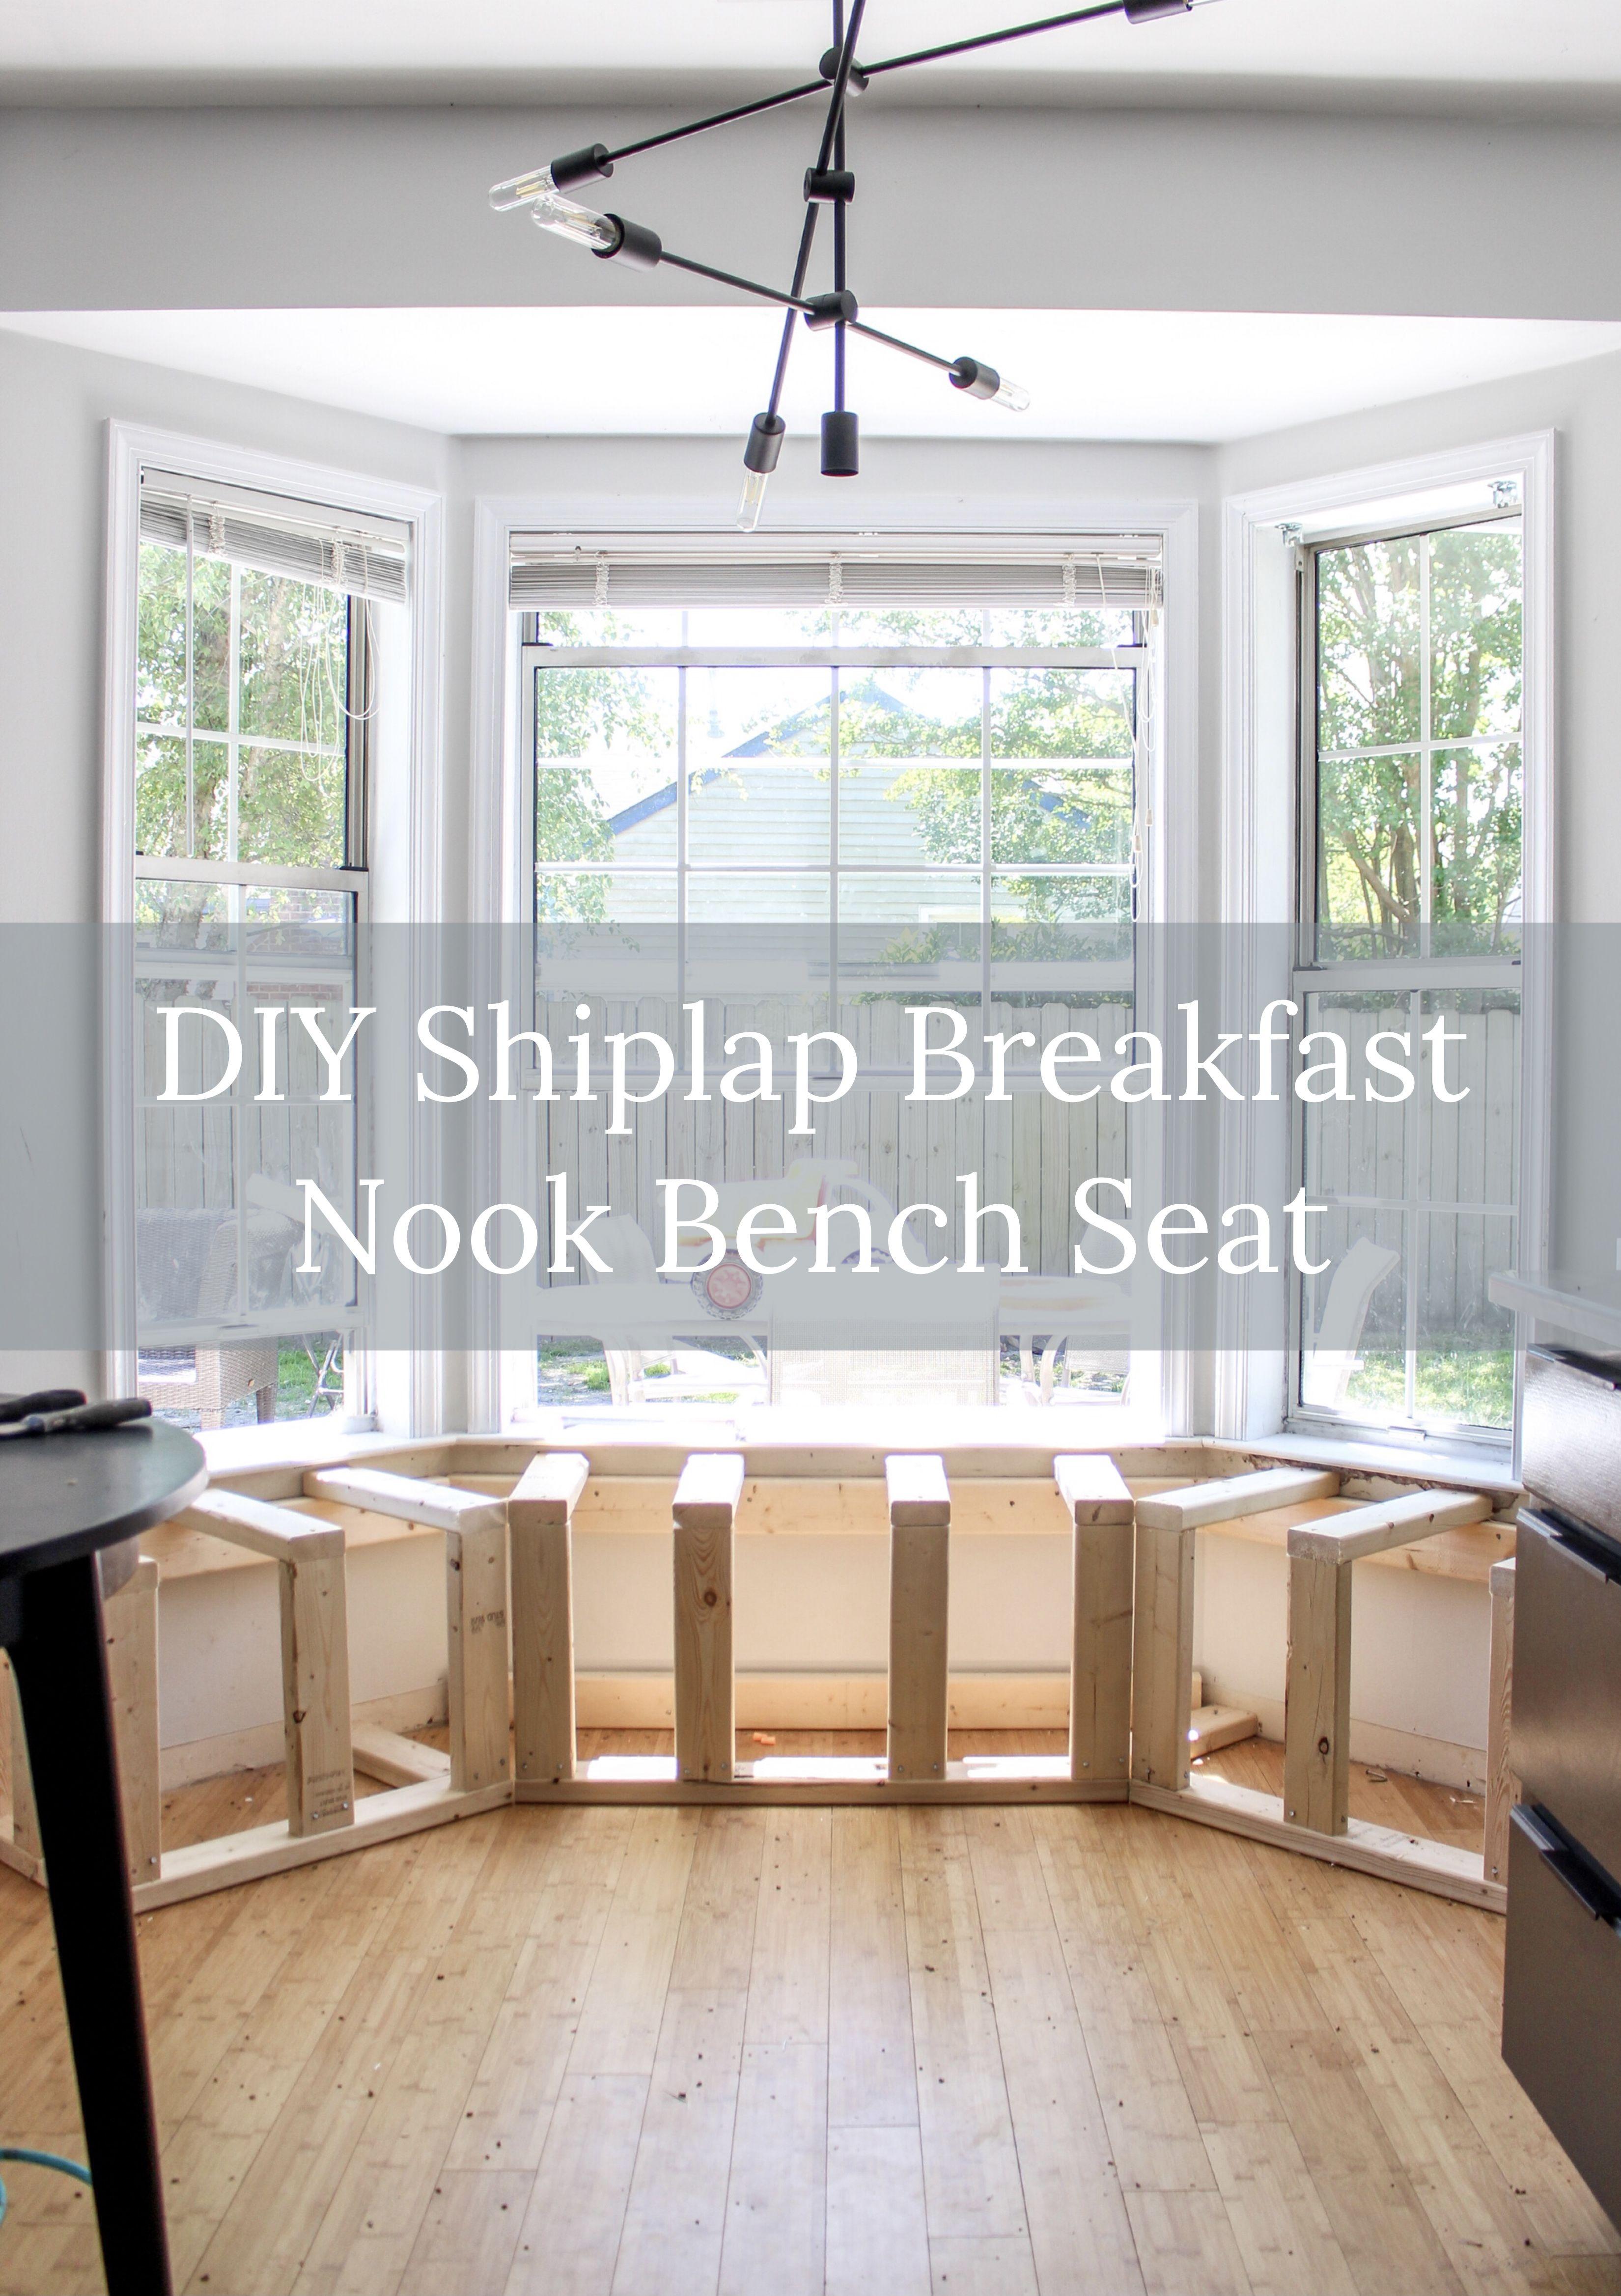 Breakfast Nook Bench Seat DIY